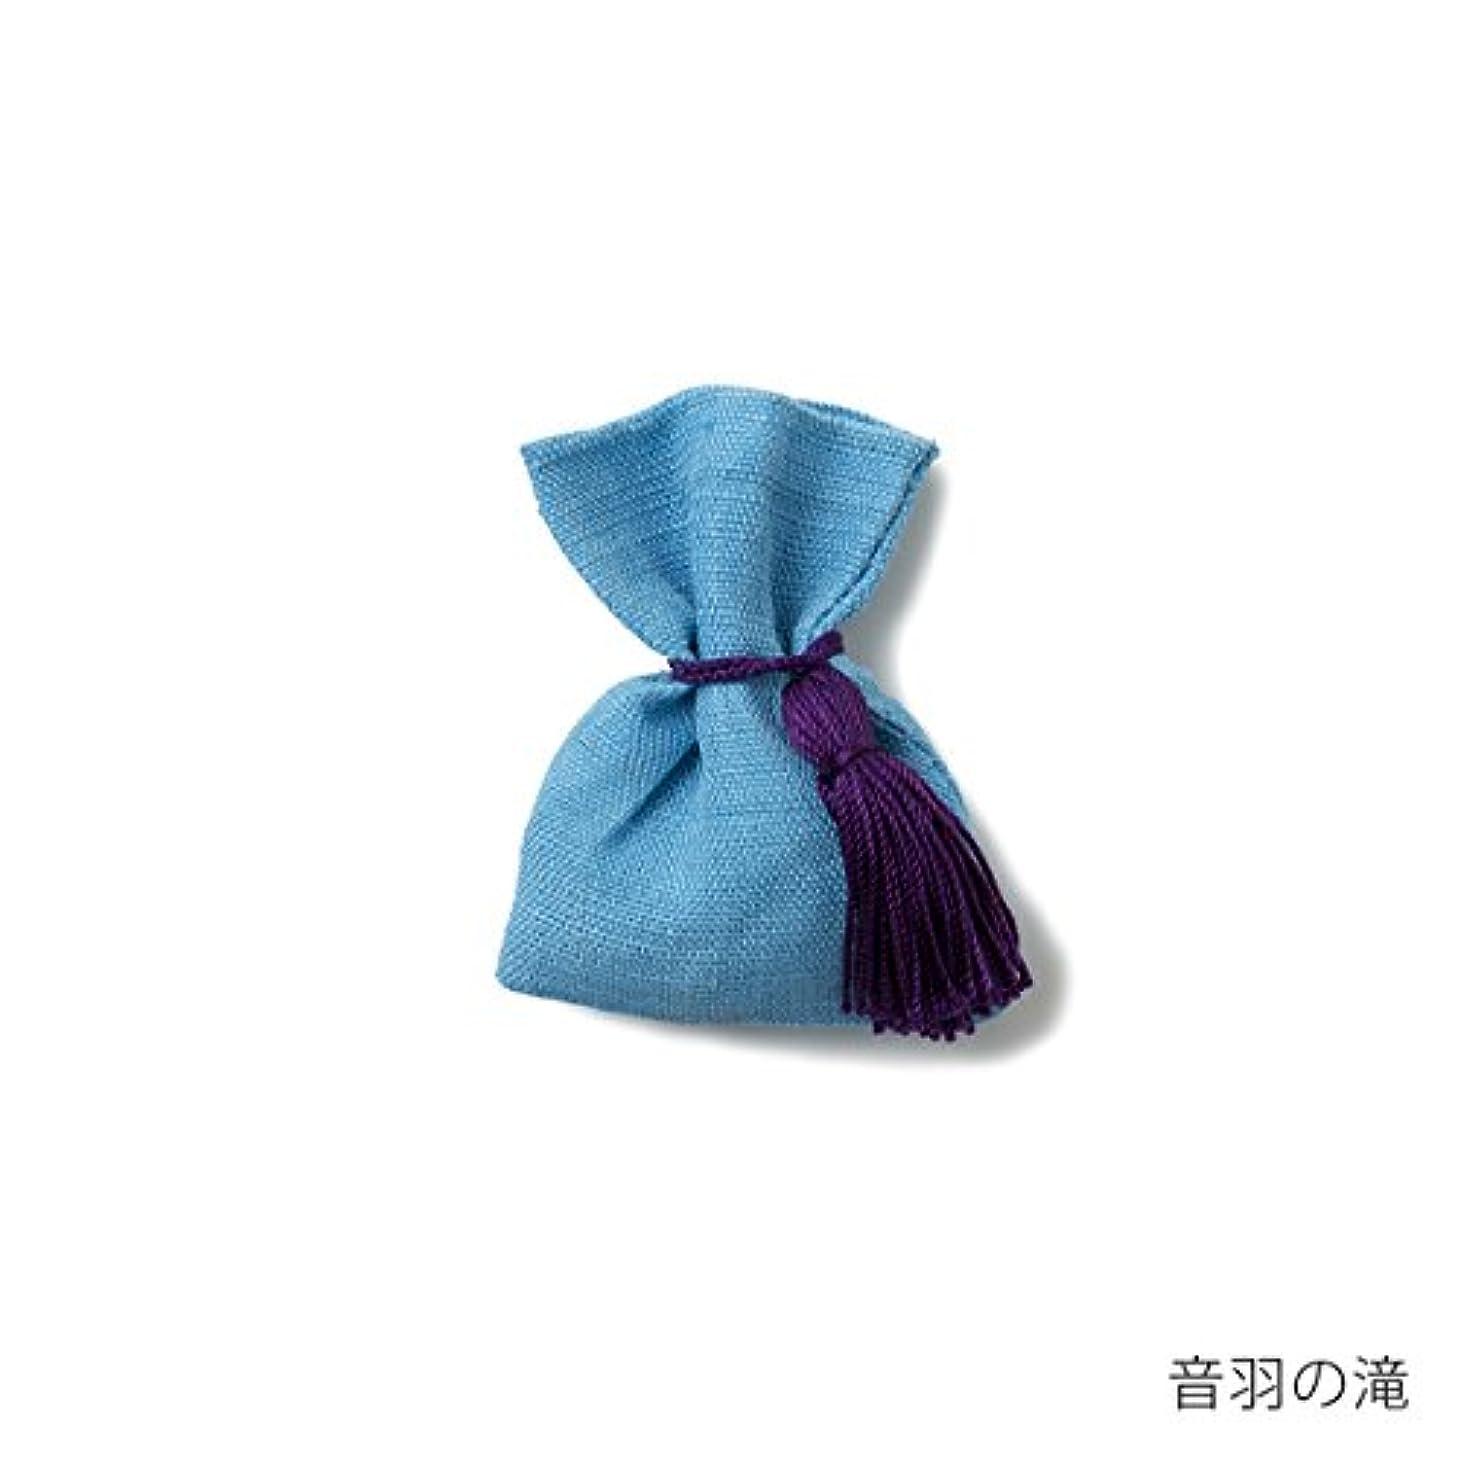 原子炉あいまい熟読する【薫玉堂】 京の香り 香袋 音羽の滝